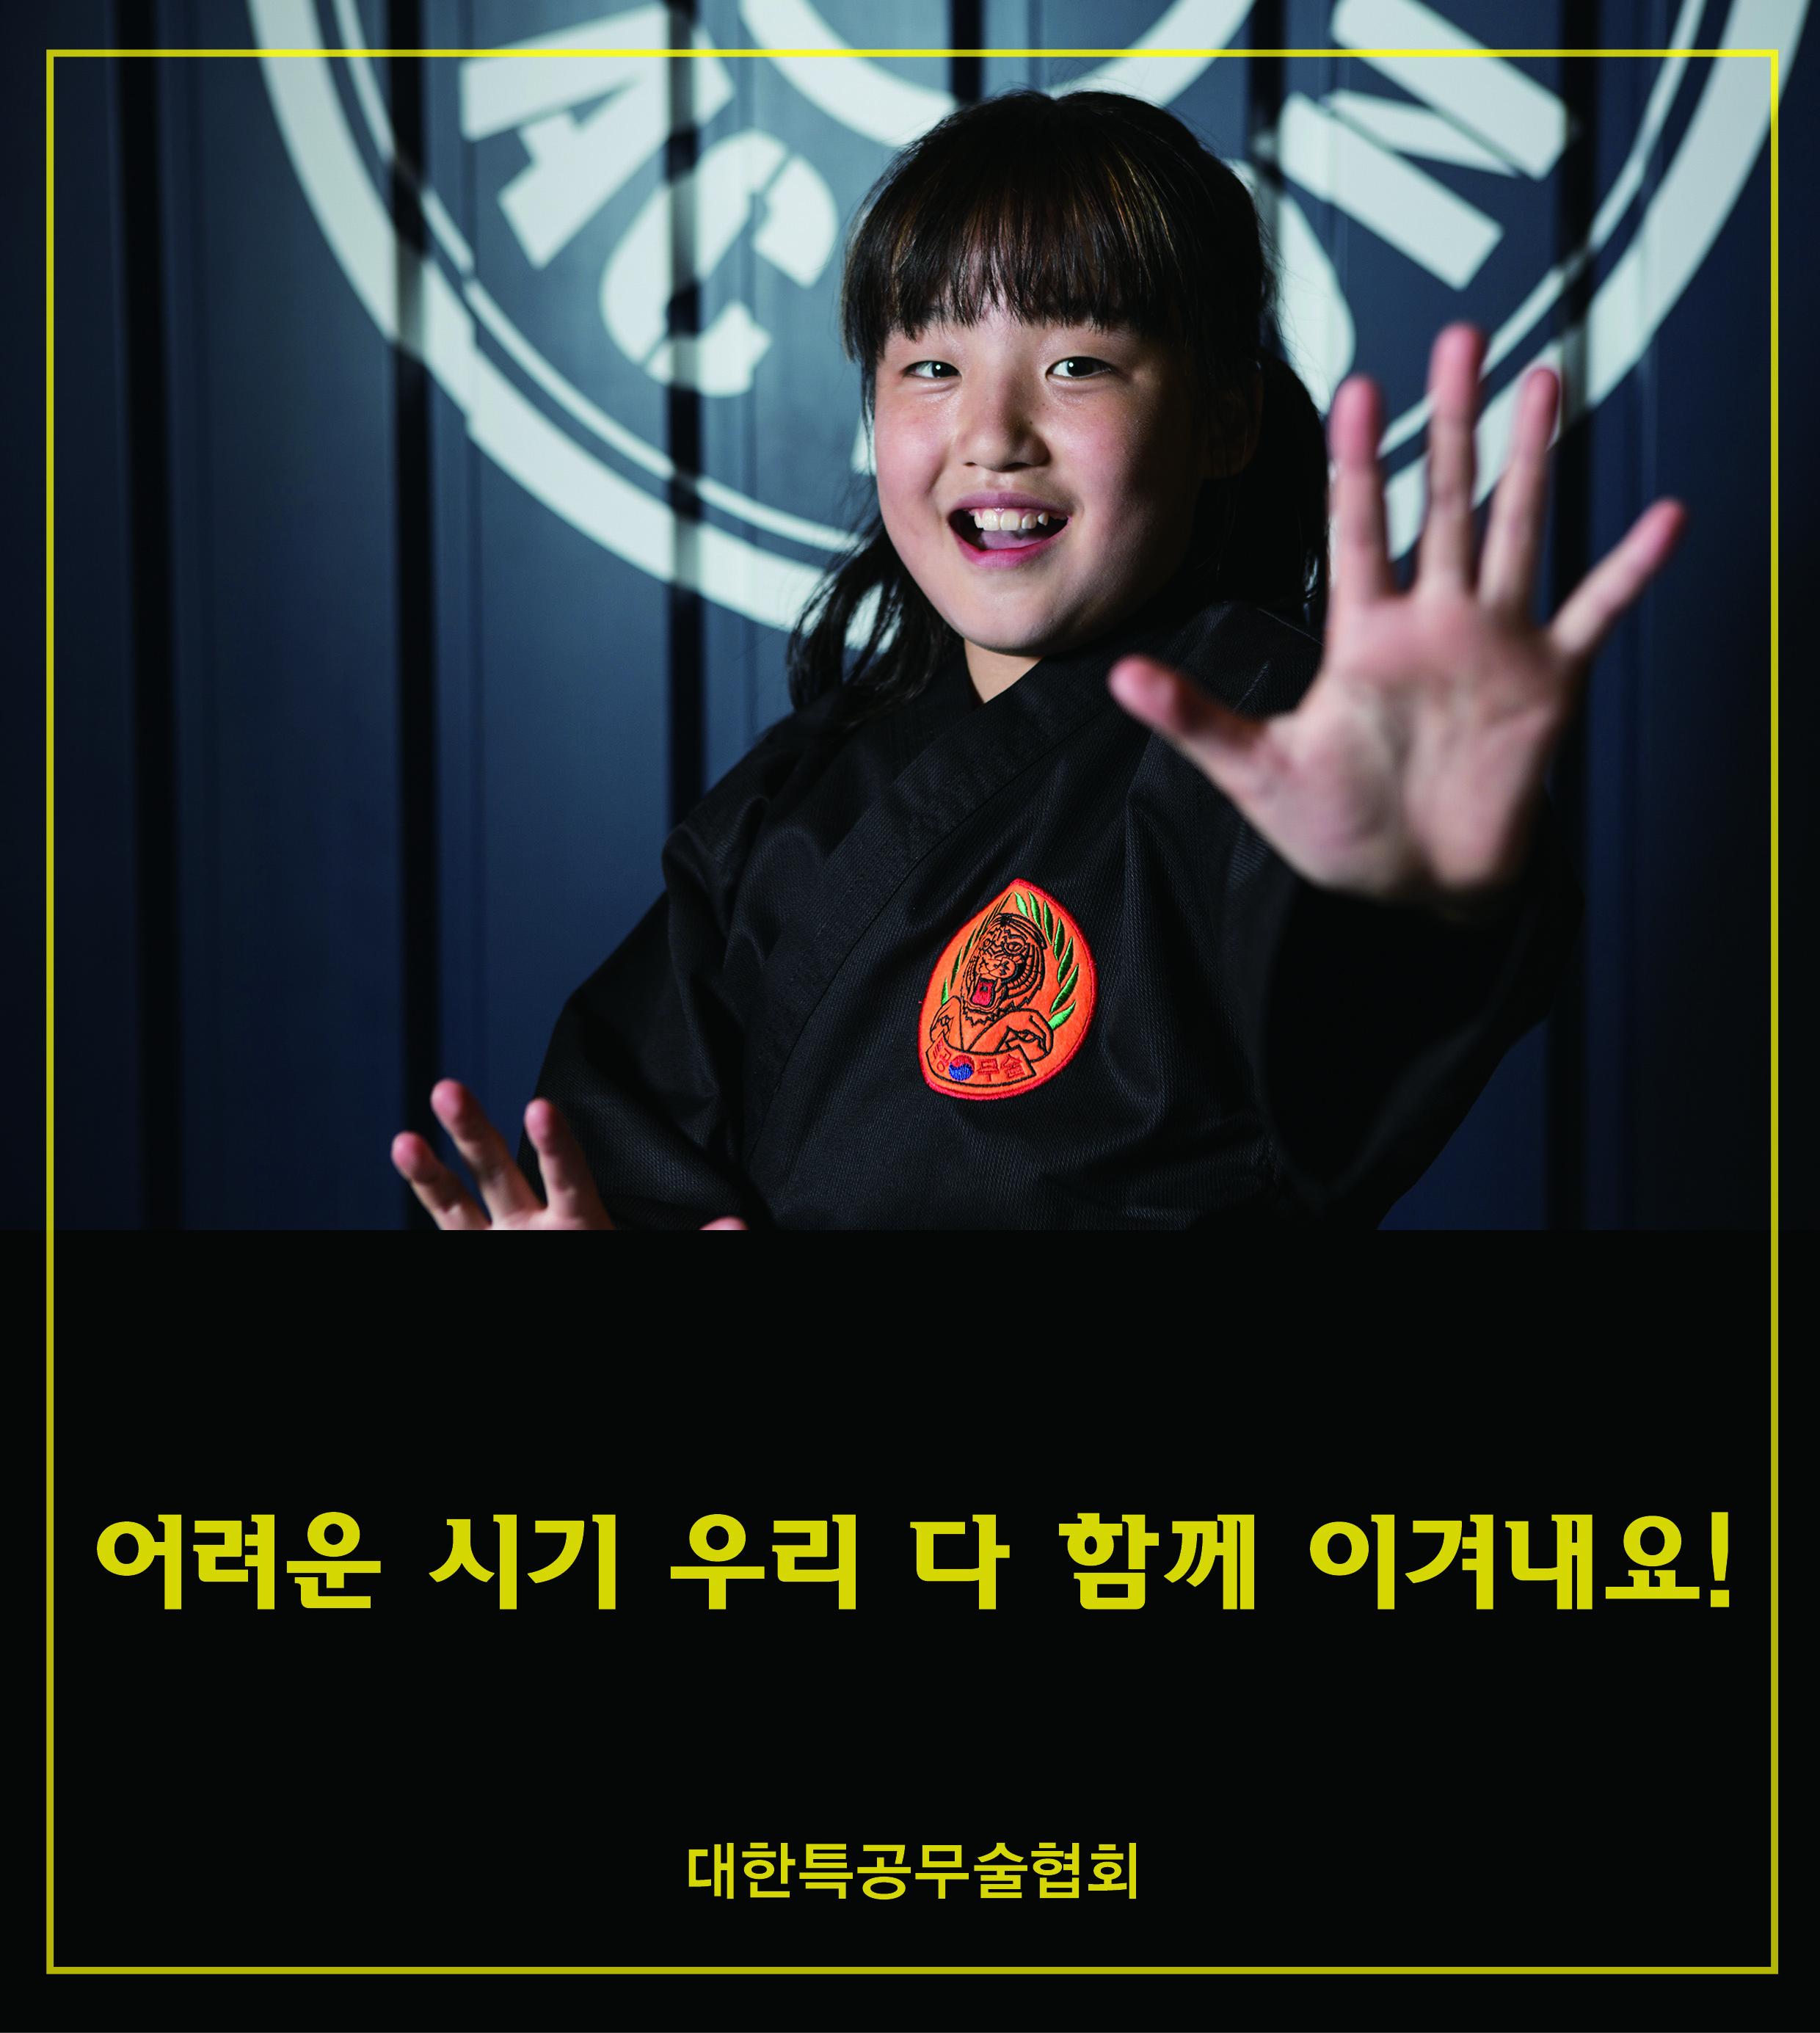 대한특공무술협회 사본.jpg